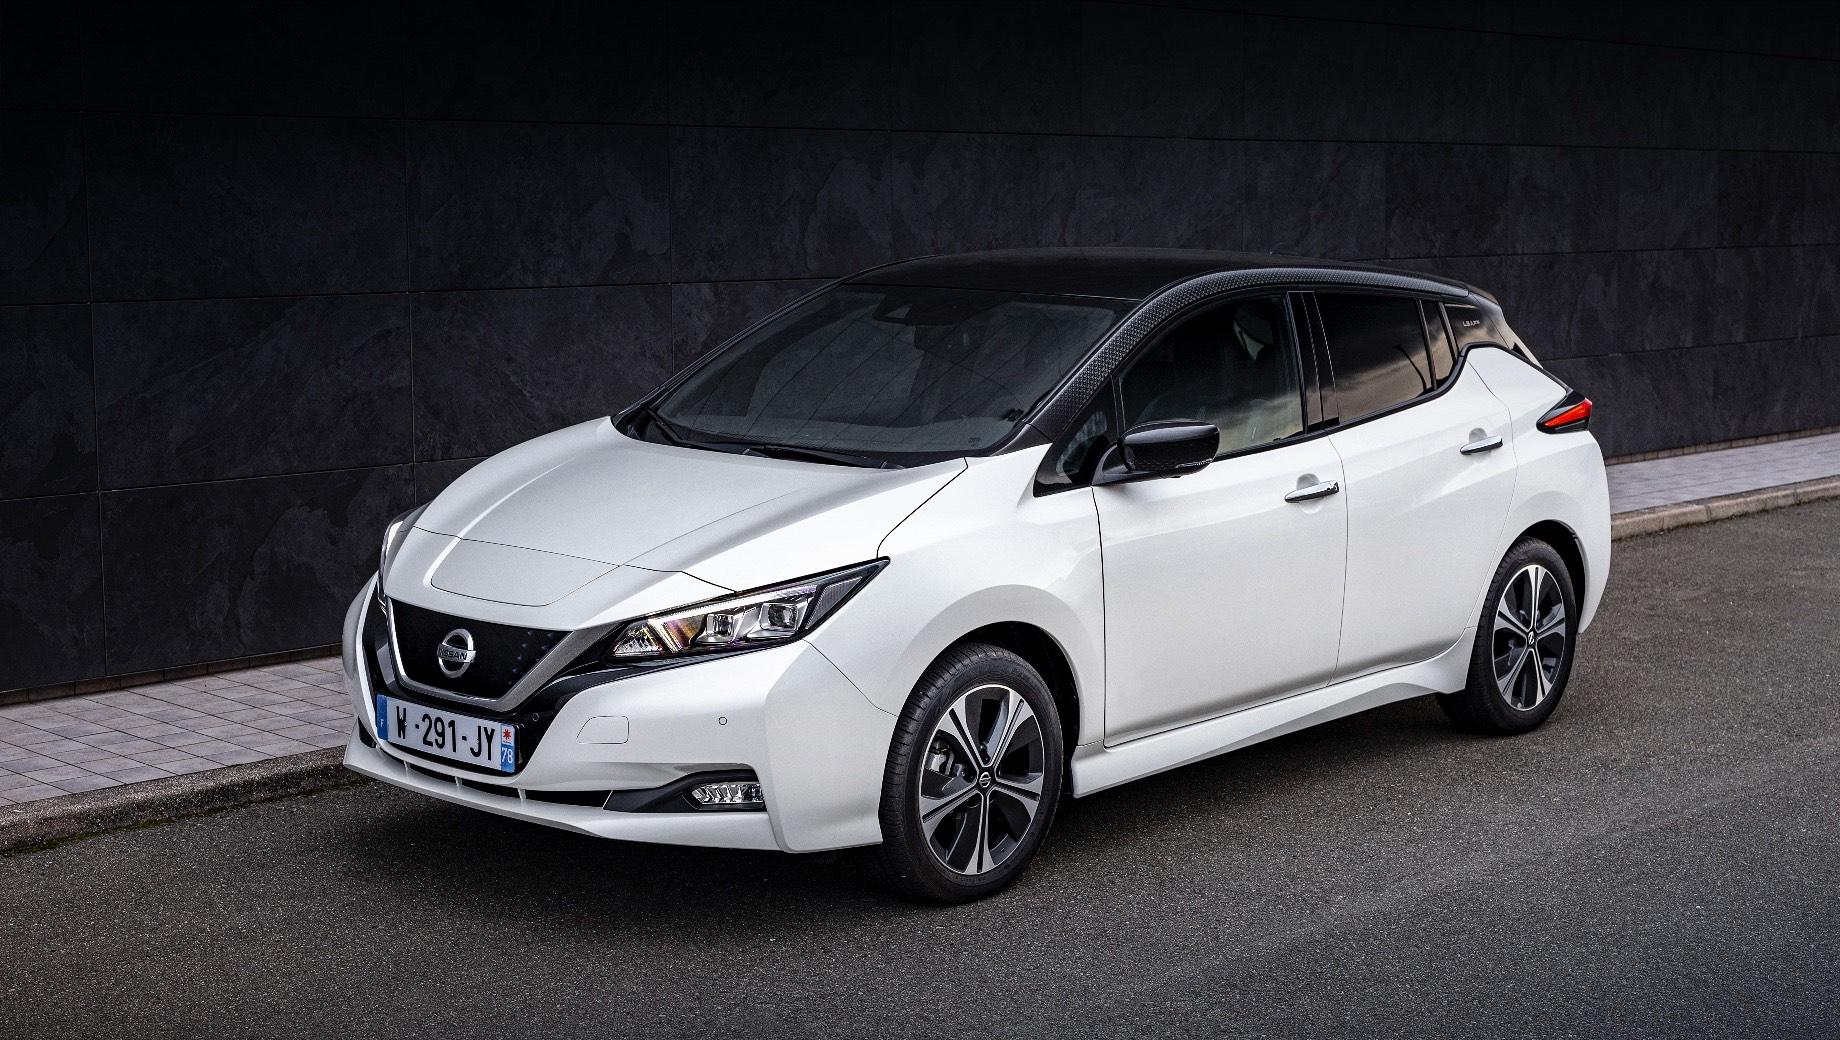 Электрокар Nissan Leaf10 напомнил об успехе модели